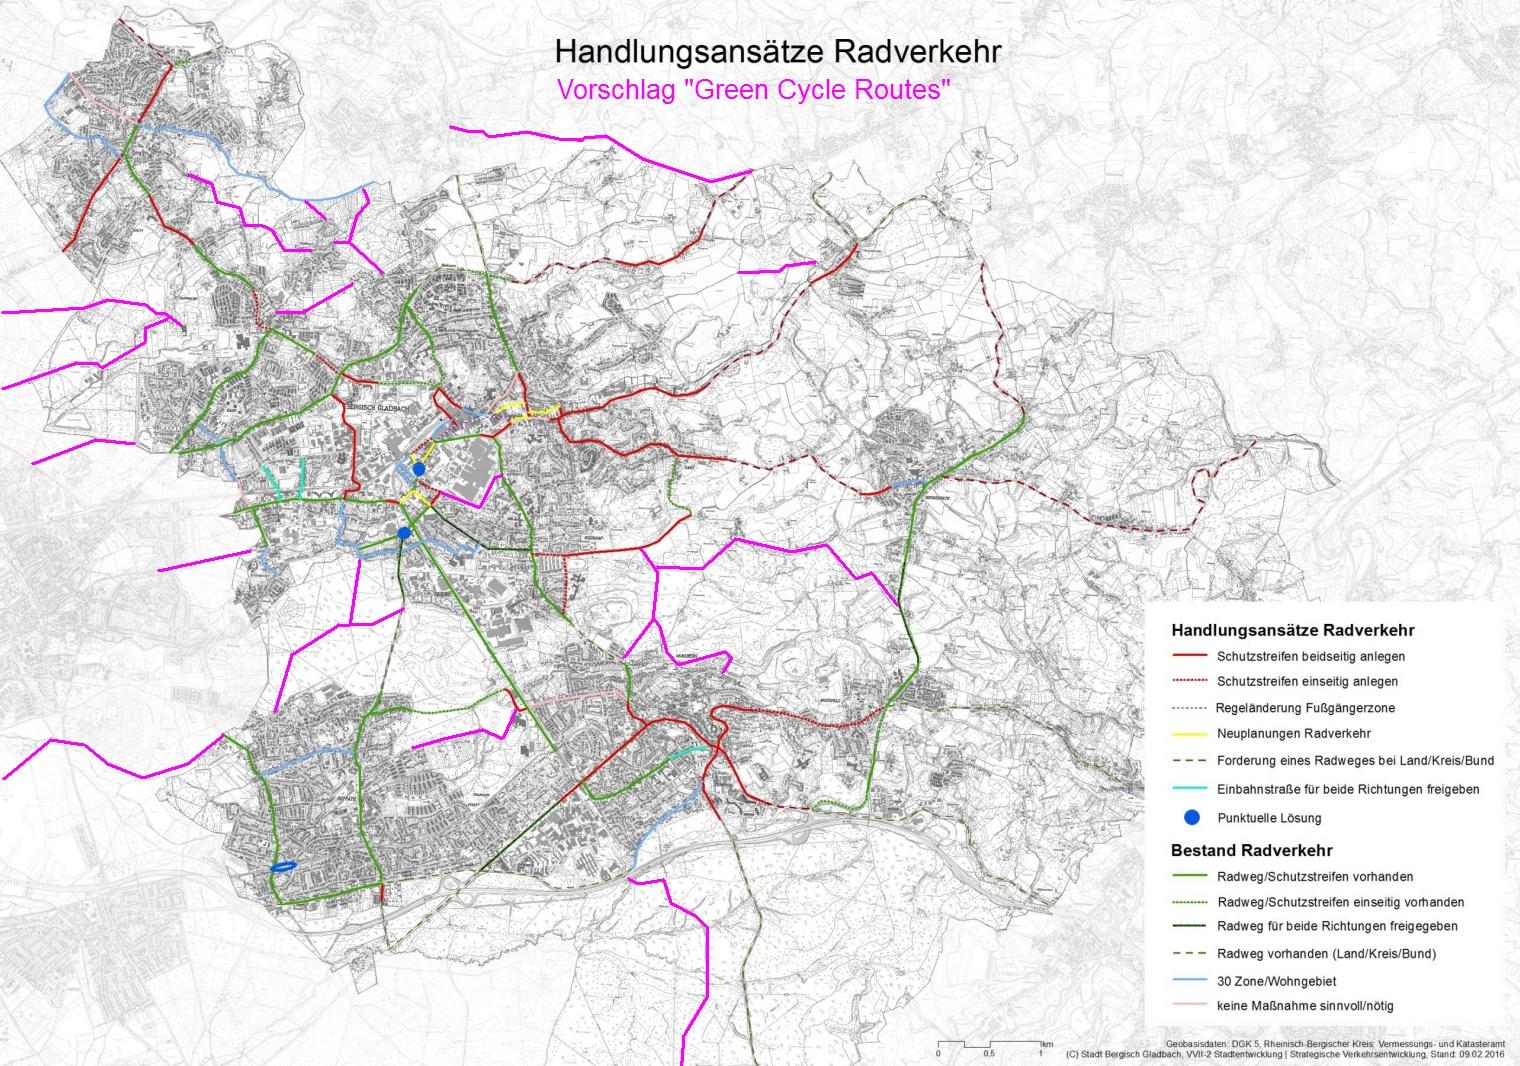 Radverkehr-Vorschlag-green-cycle-routes